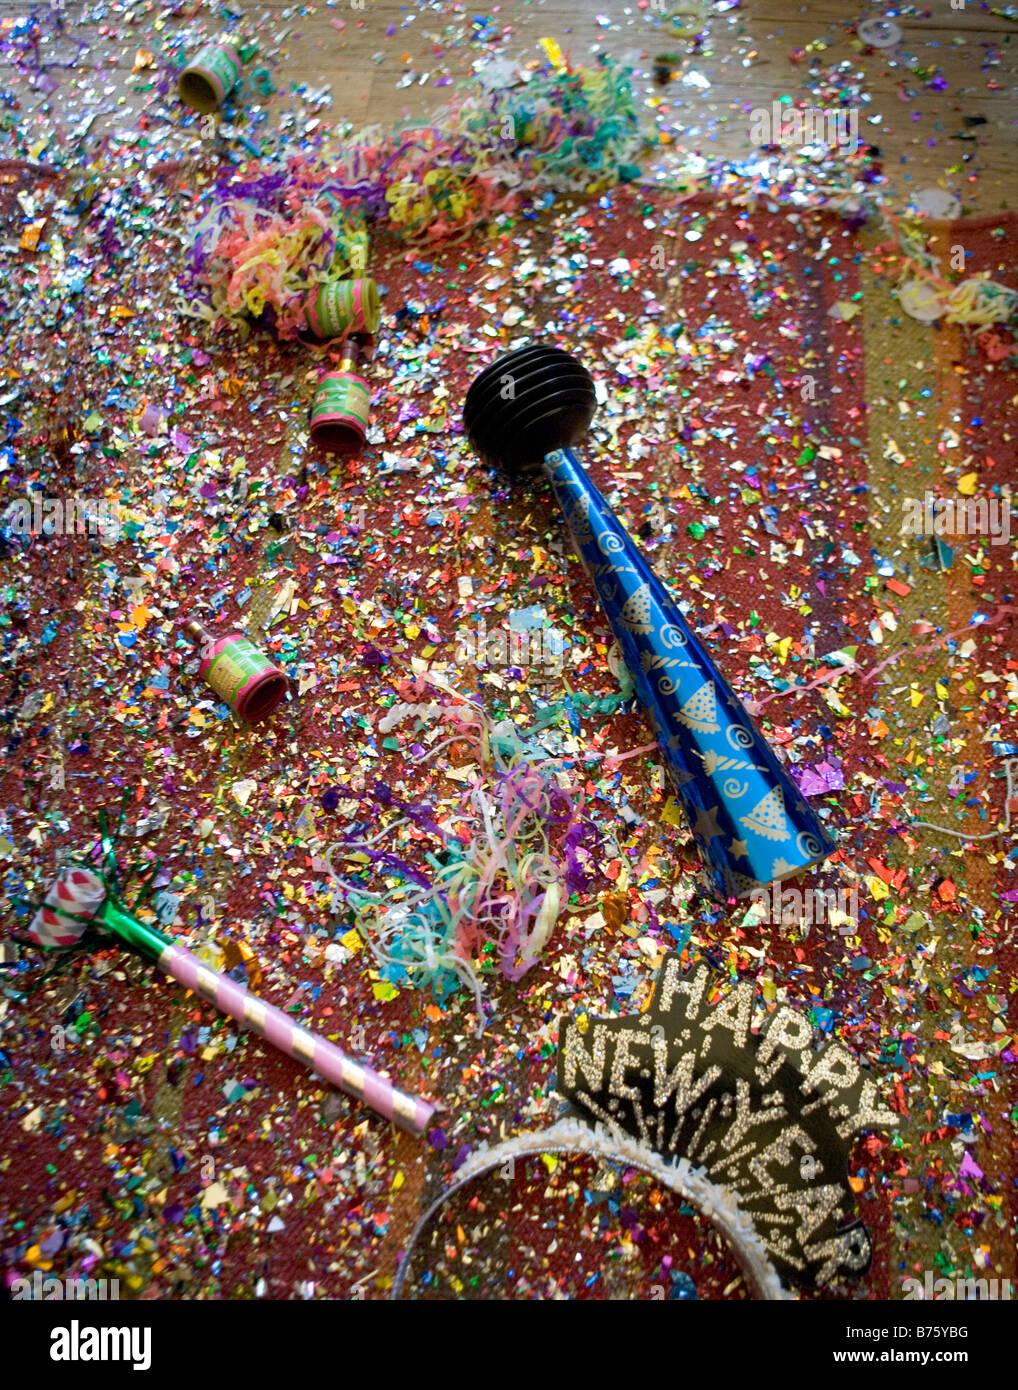 Cenone di capodanno con ballo relitto compresi i confetti poppers corna streamers e cappelli Immagini Stock